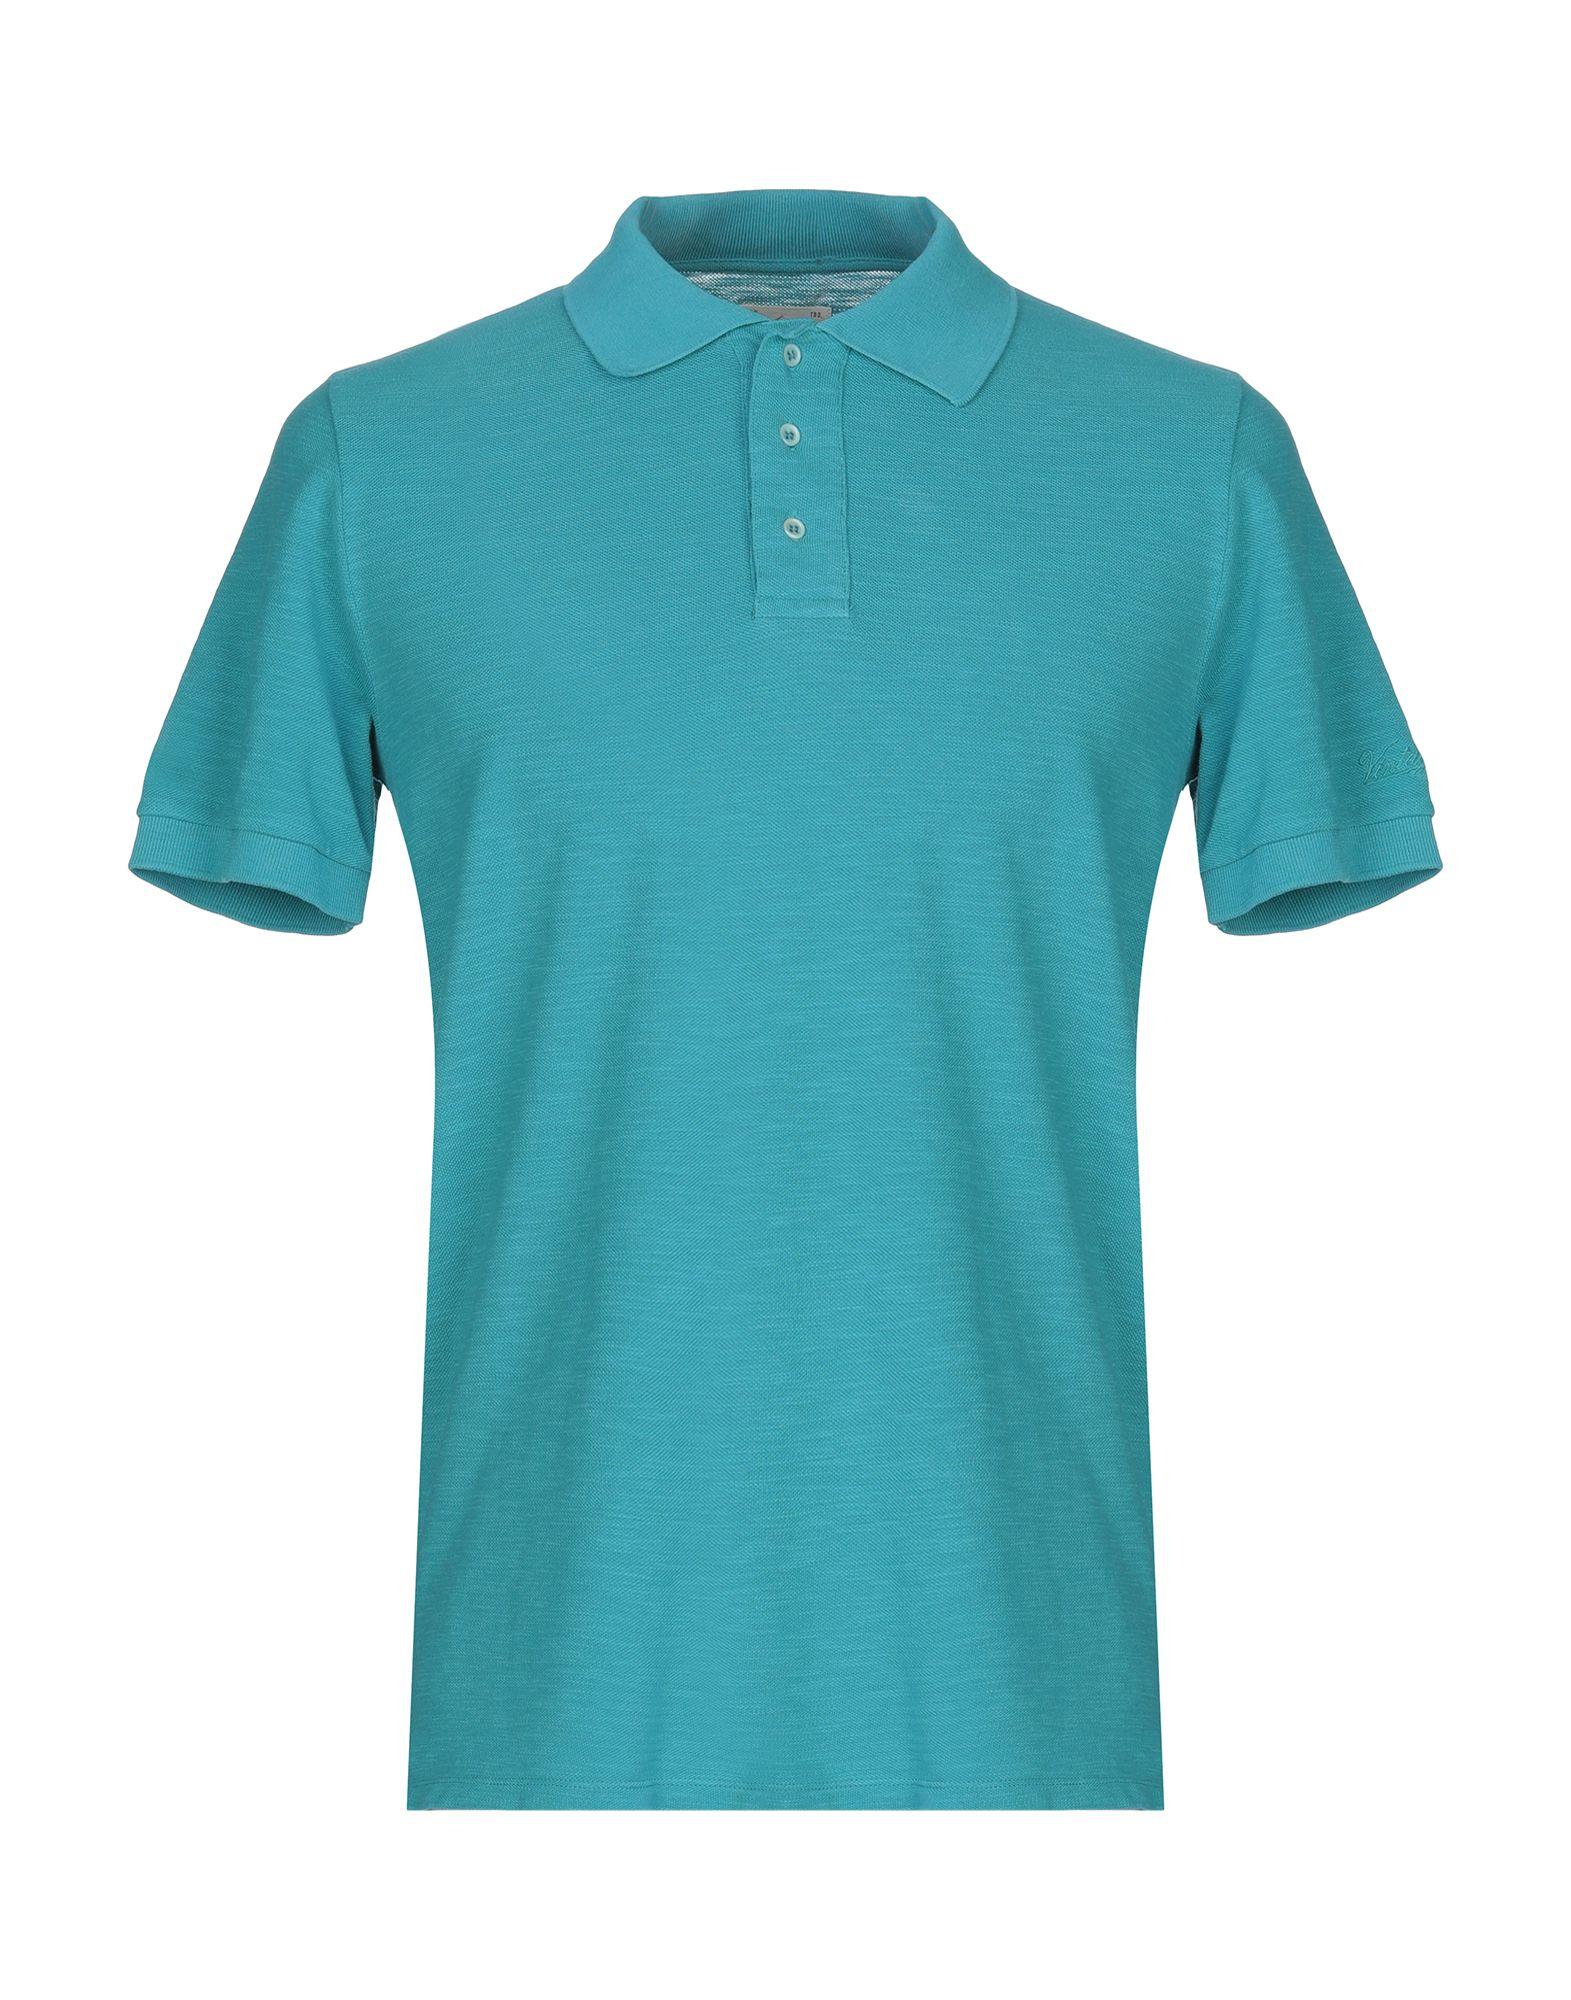 《送料無料》VINTAGE 55 メンズ ポロシャツ アジュールブルー S コットン 100%